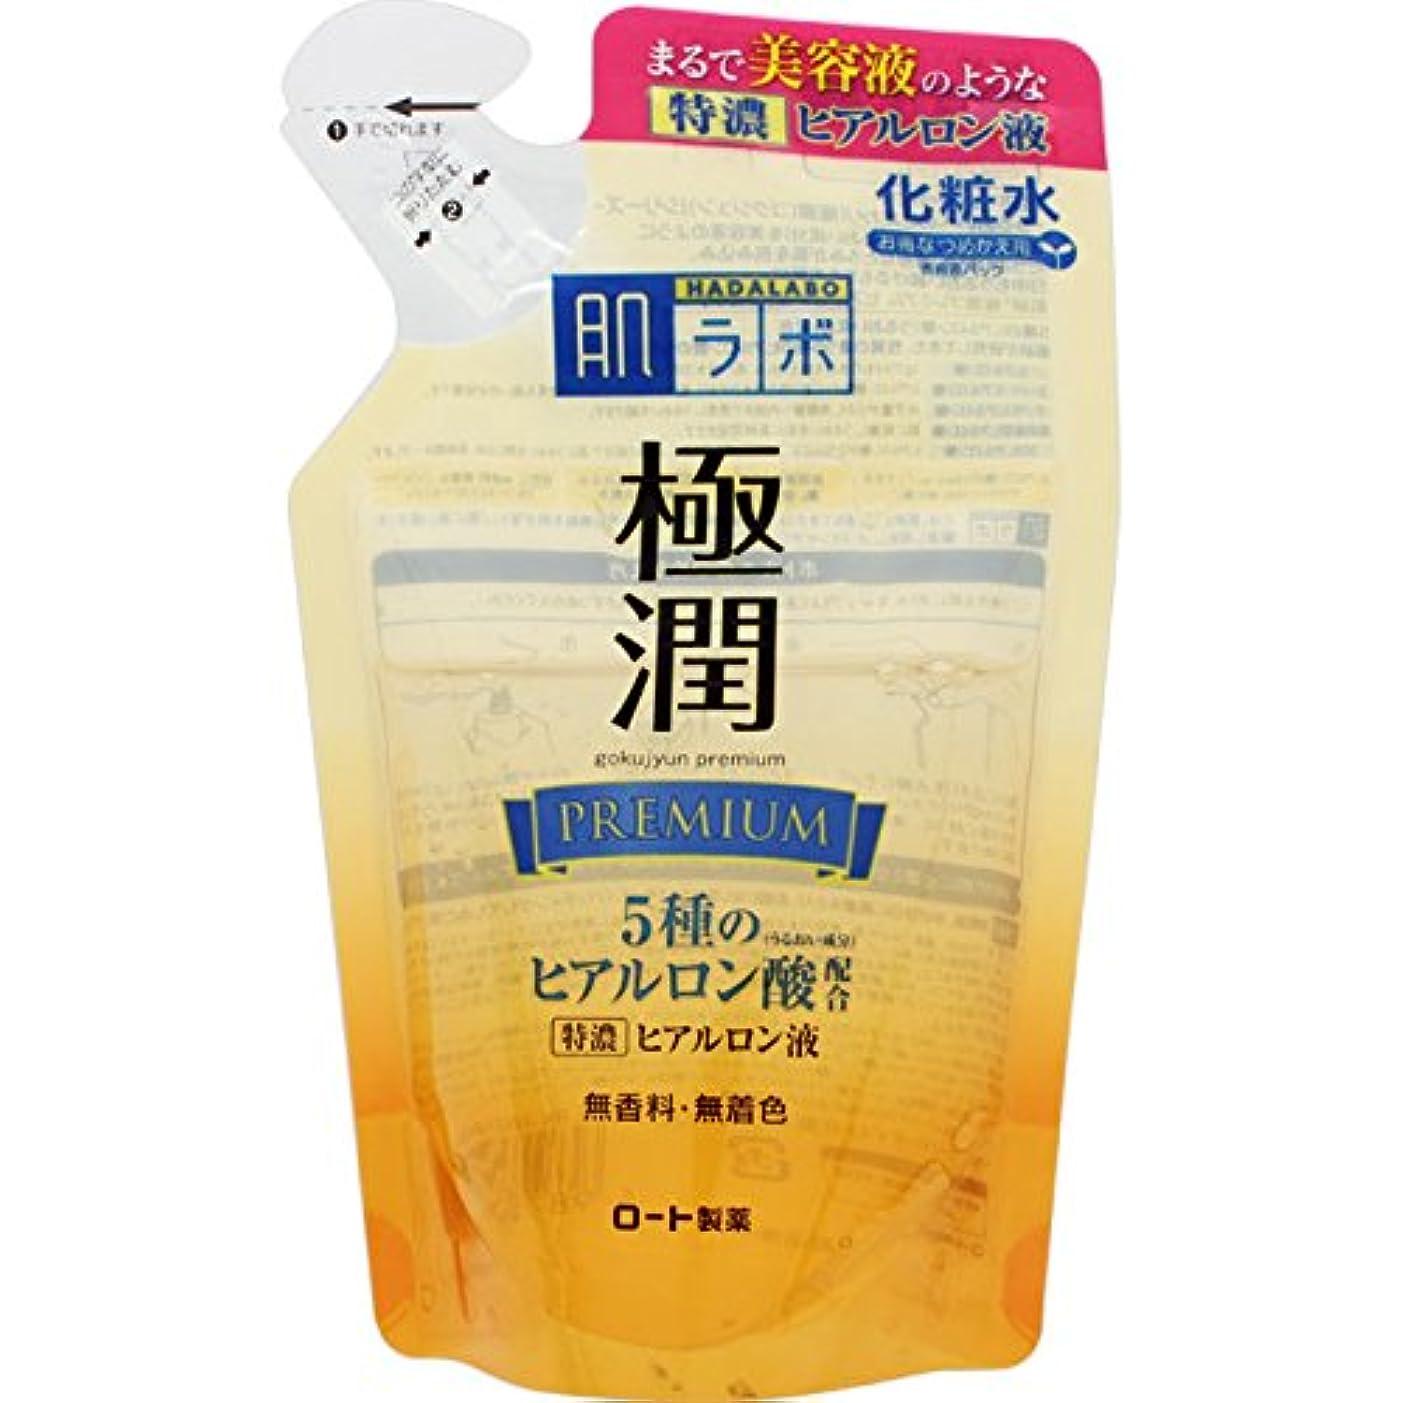 買うシニス咲く肌ラボ 極潤プレミアム 特濃ヒアルロン液 ヒアルロン酸5種類×サクラン配合 詰替用 170mL